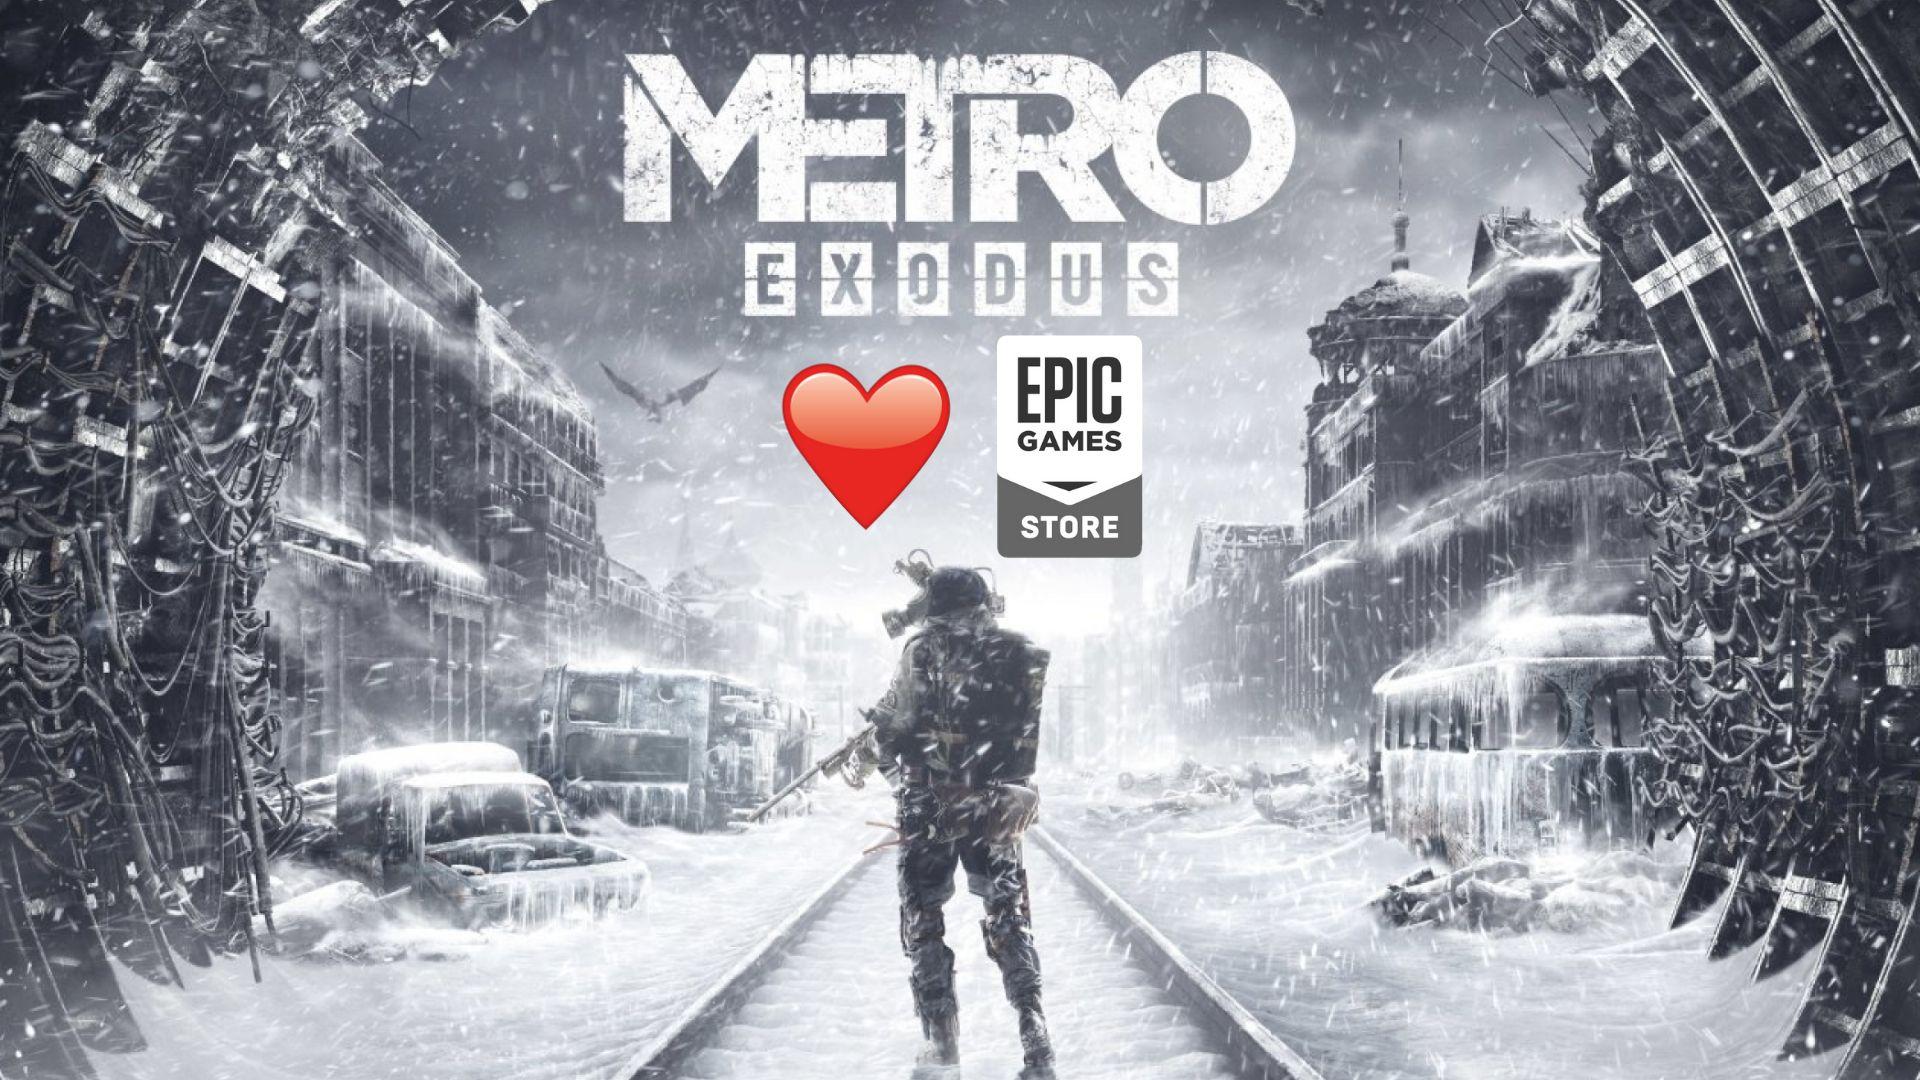 W Metro Exodus na PC zagrasz tylko przy pomocy Epic Games Store... i o co cała ta afera? 24